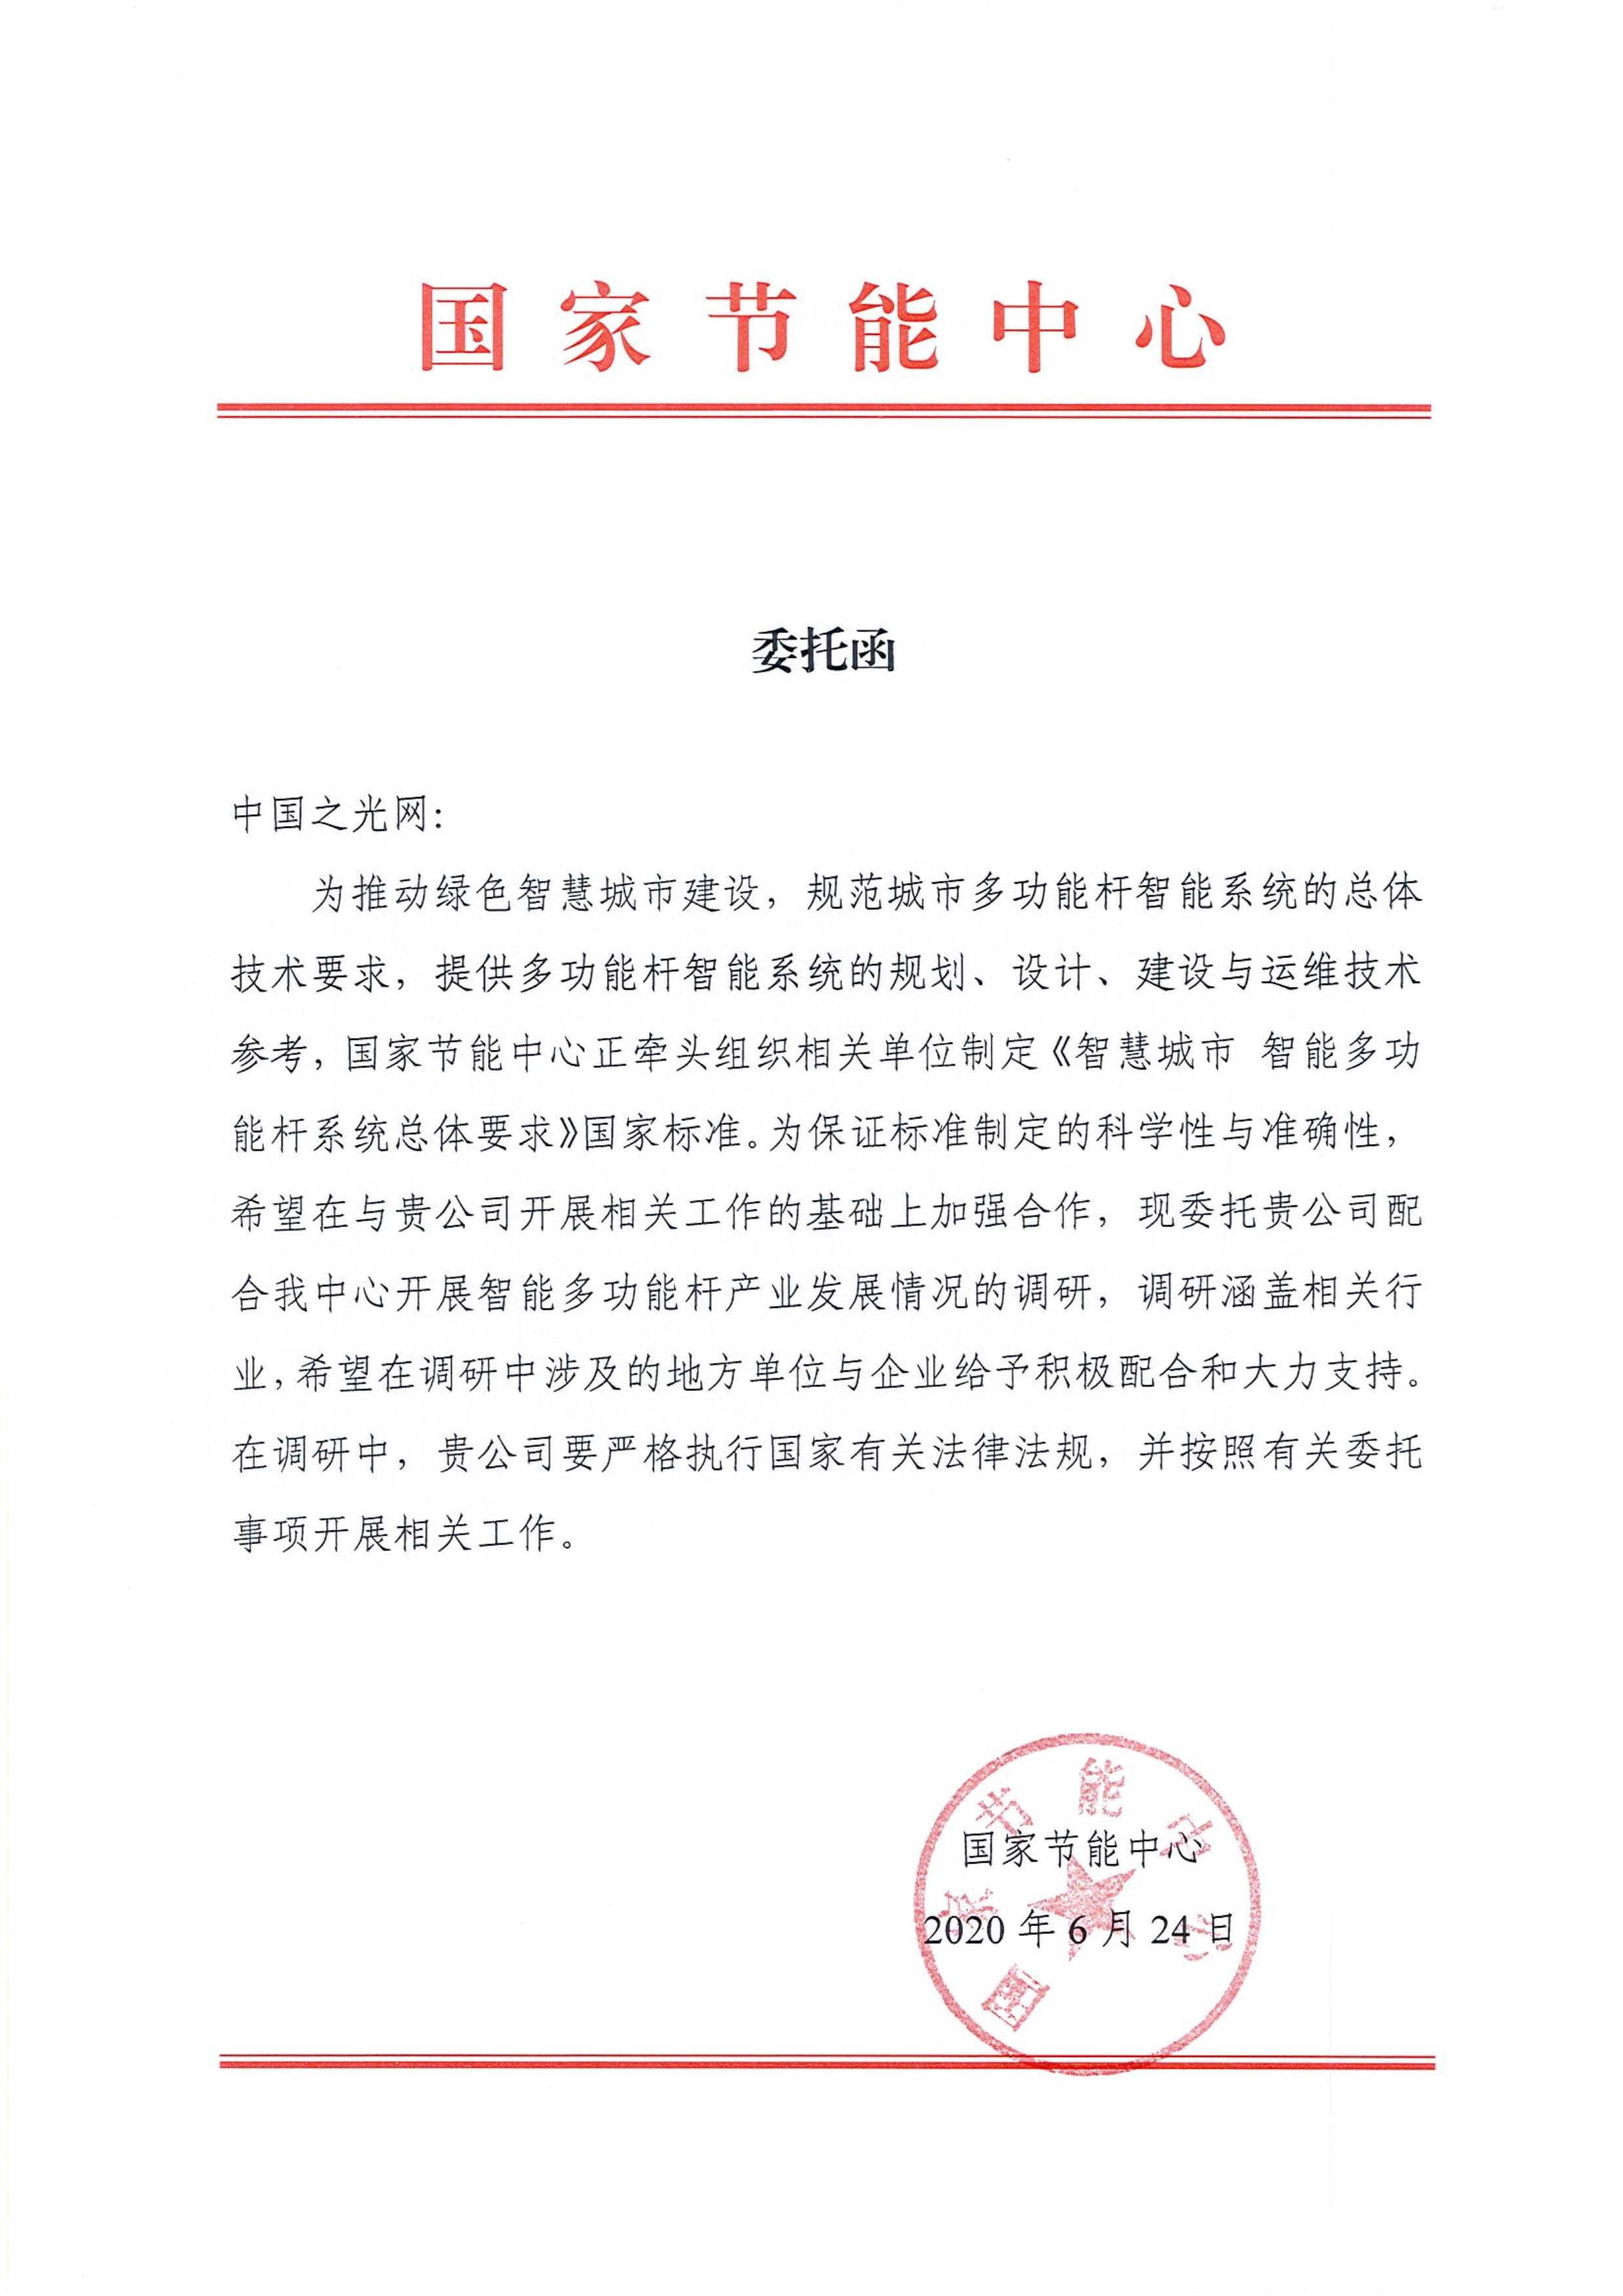 受国家节能中心委托,中国之光网开展智能多功能杆快三投注平台调研